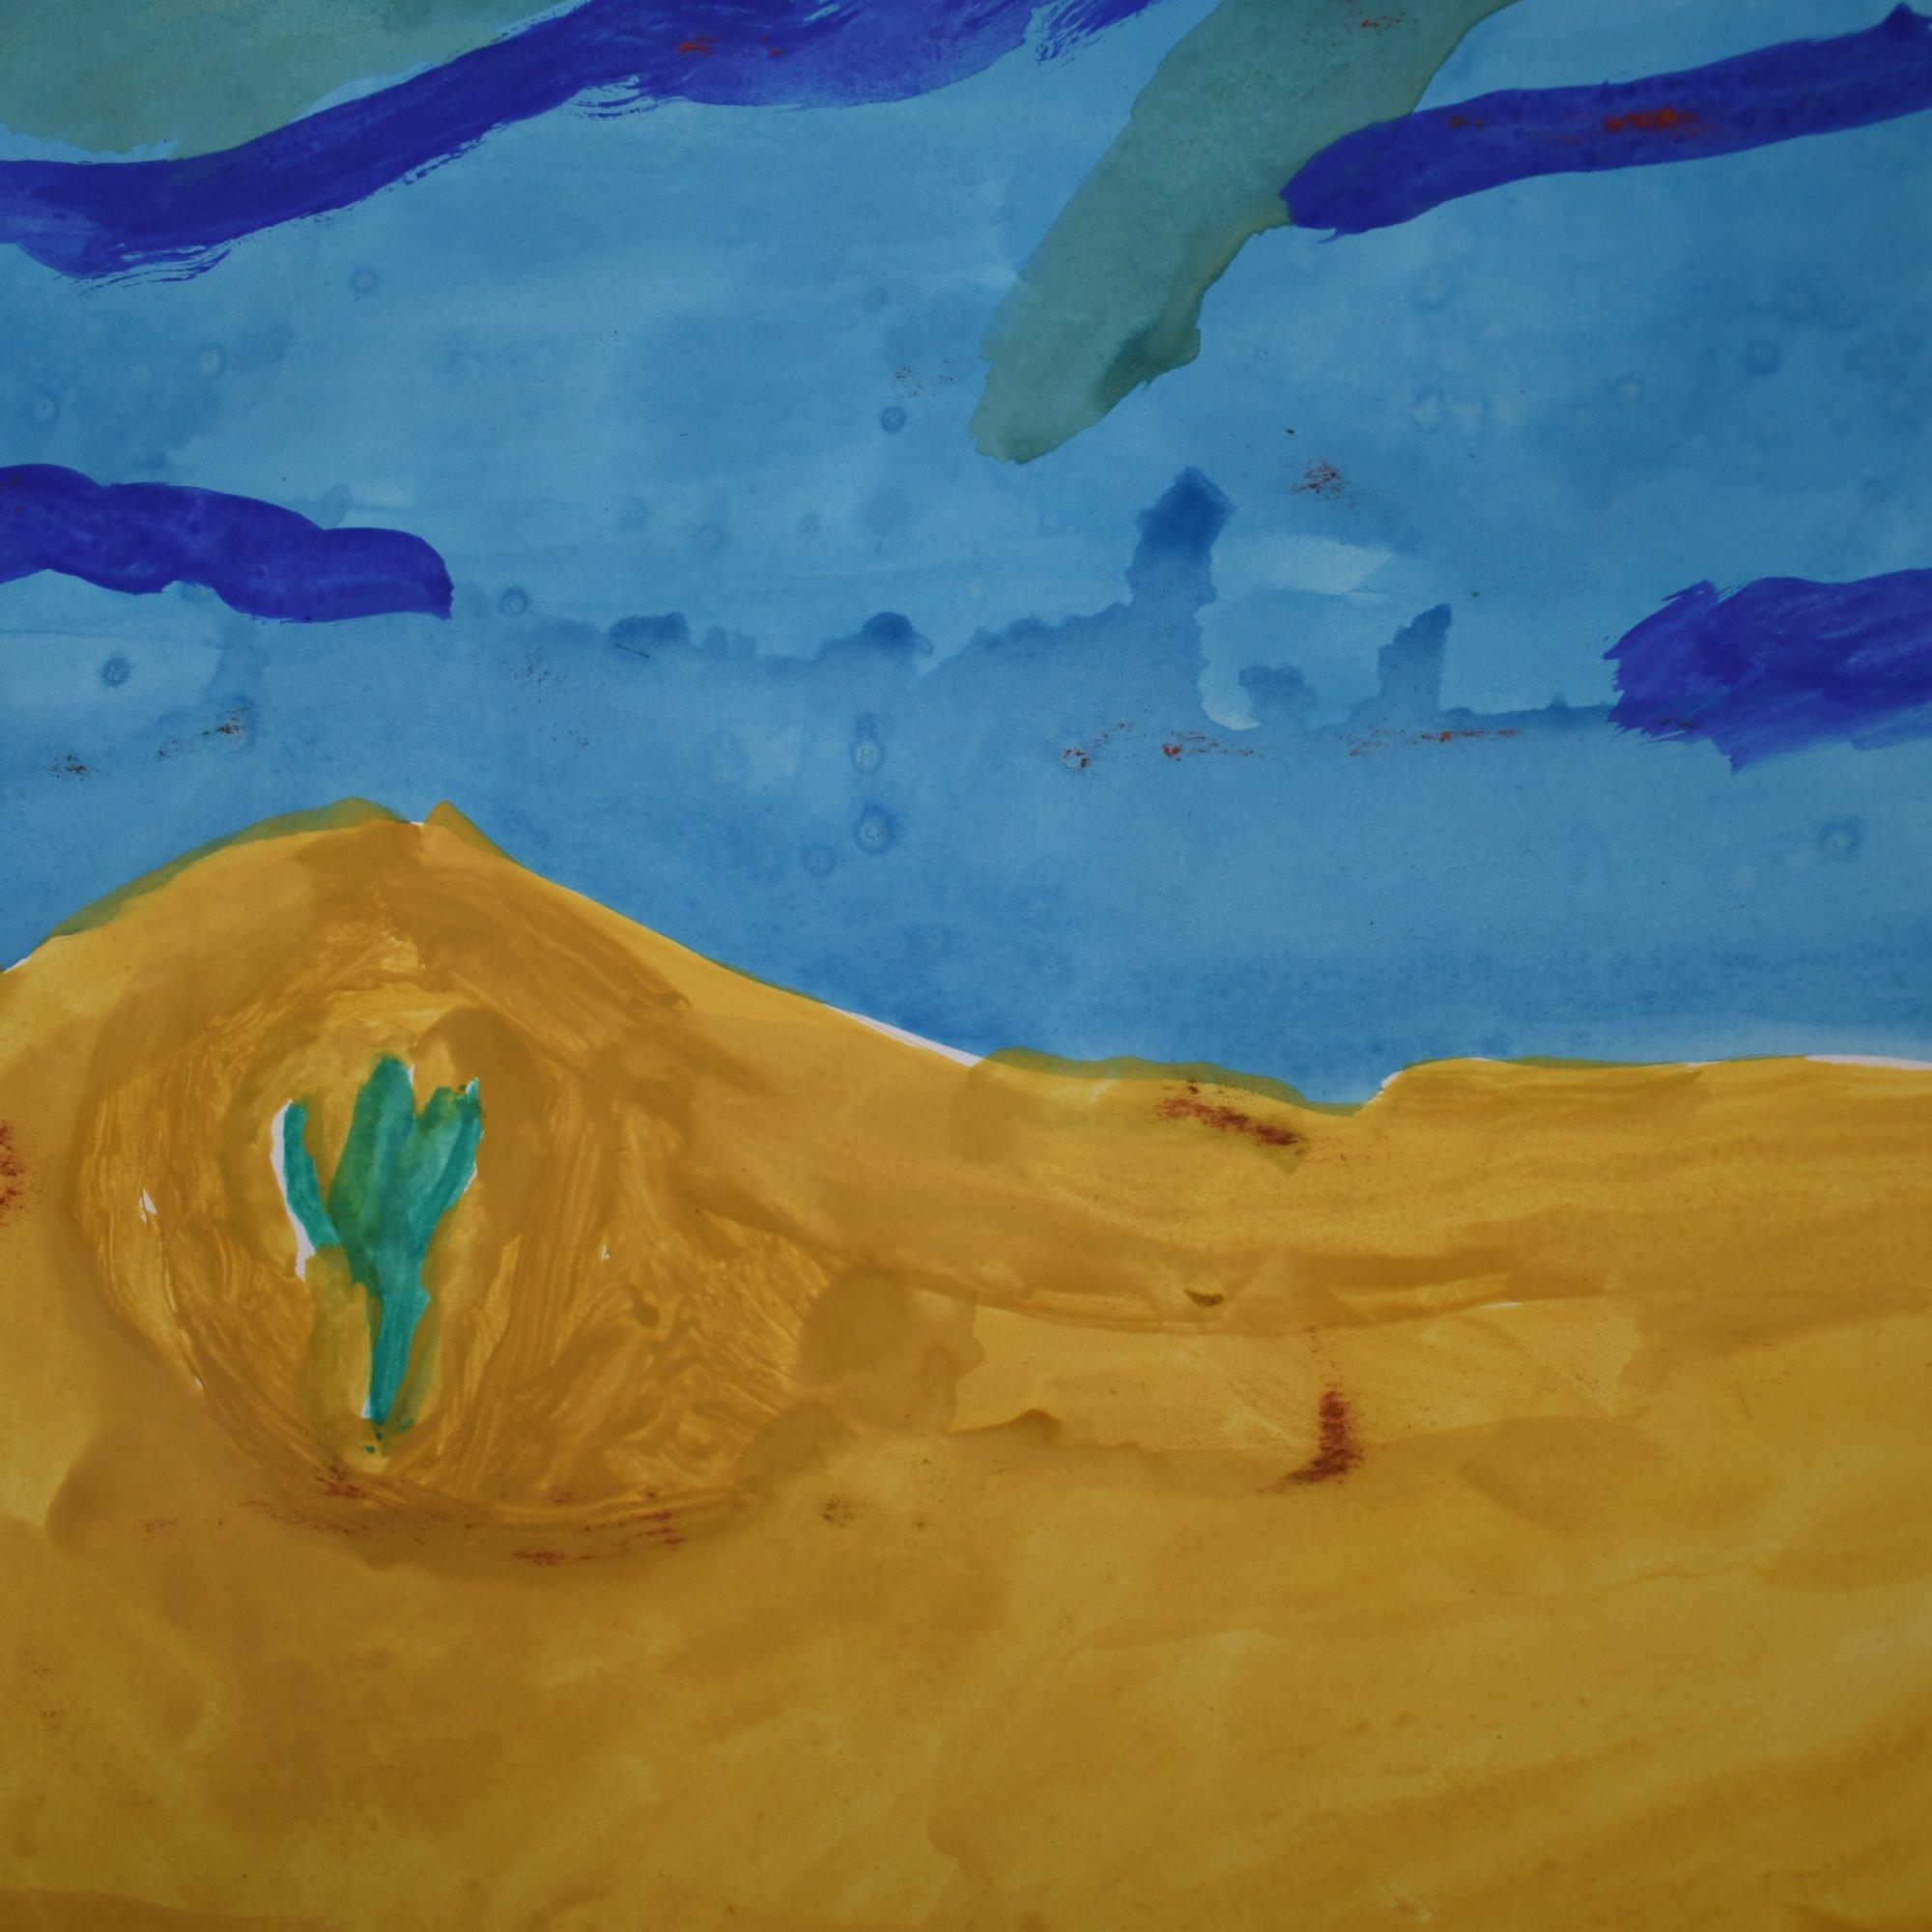 Aquarell einer Wüstenlandschaft.